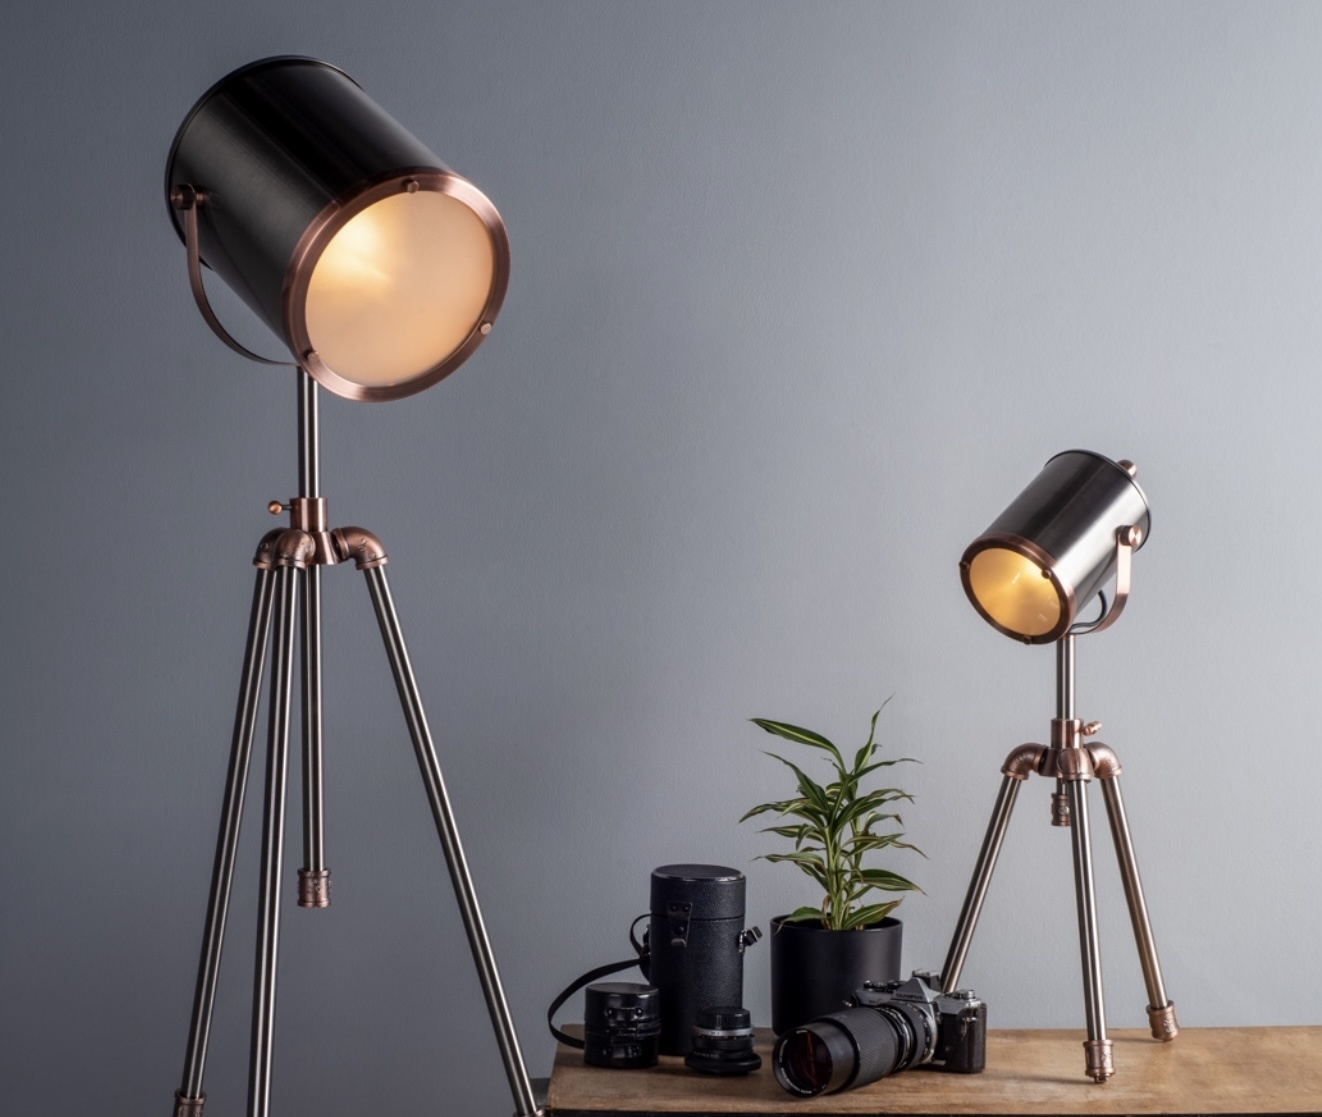 Jacob tripod table lamp